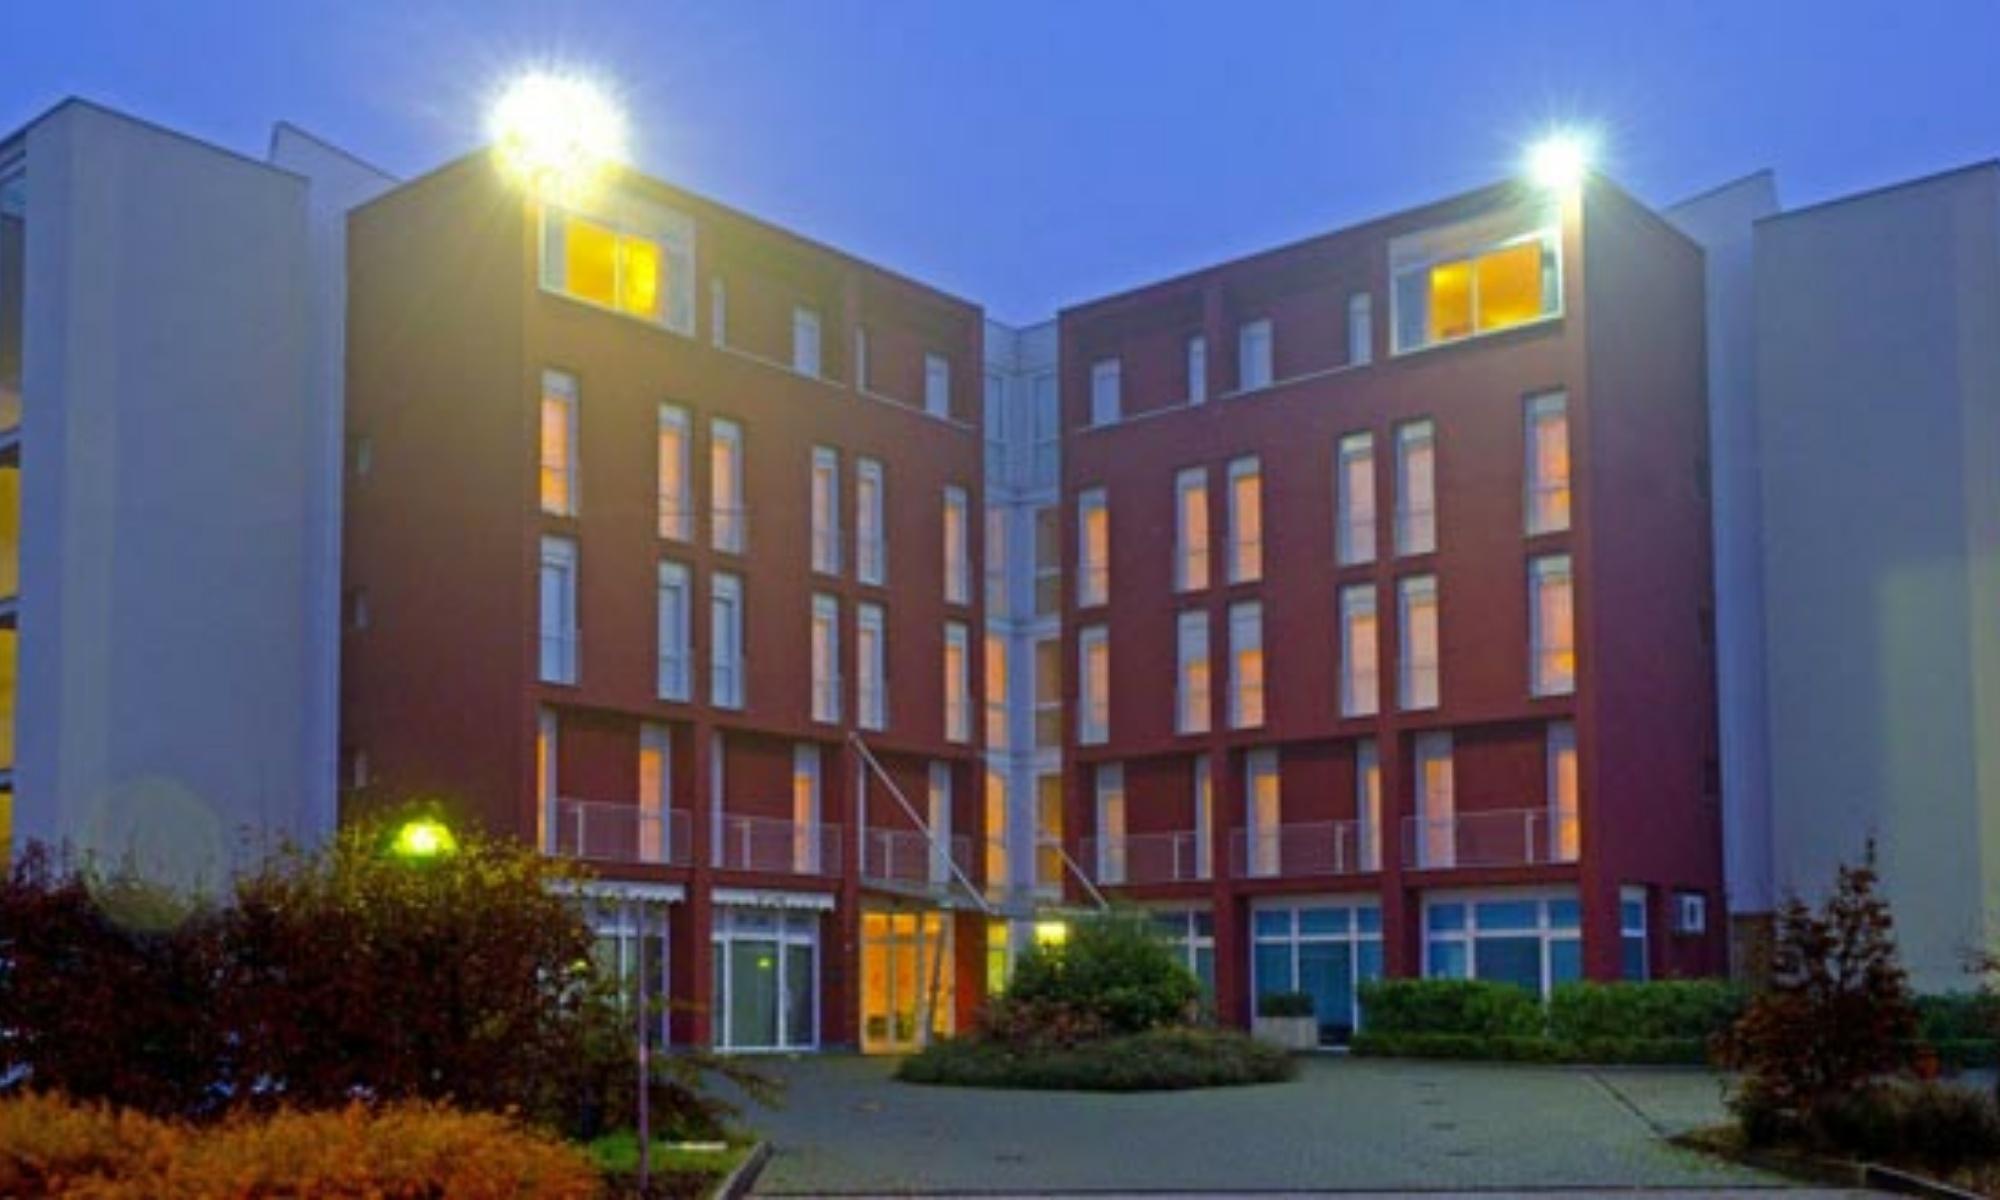 Quale Hotel a Parma con Parcheggio? Dove vince il Relax.. Hotel Campus